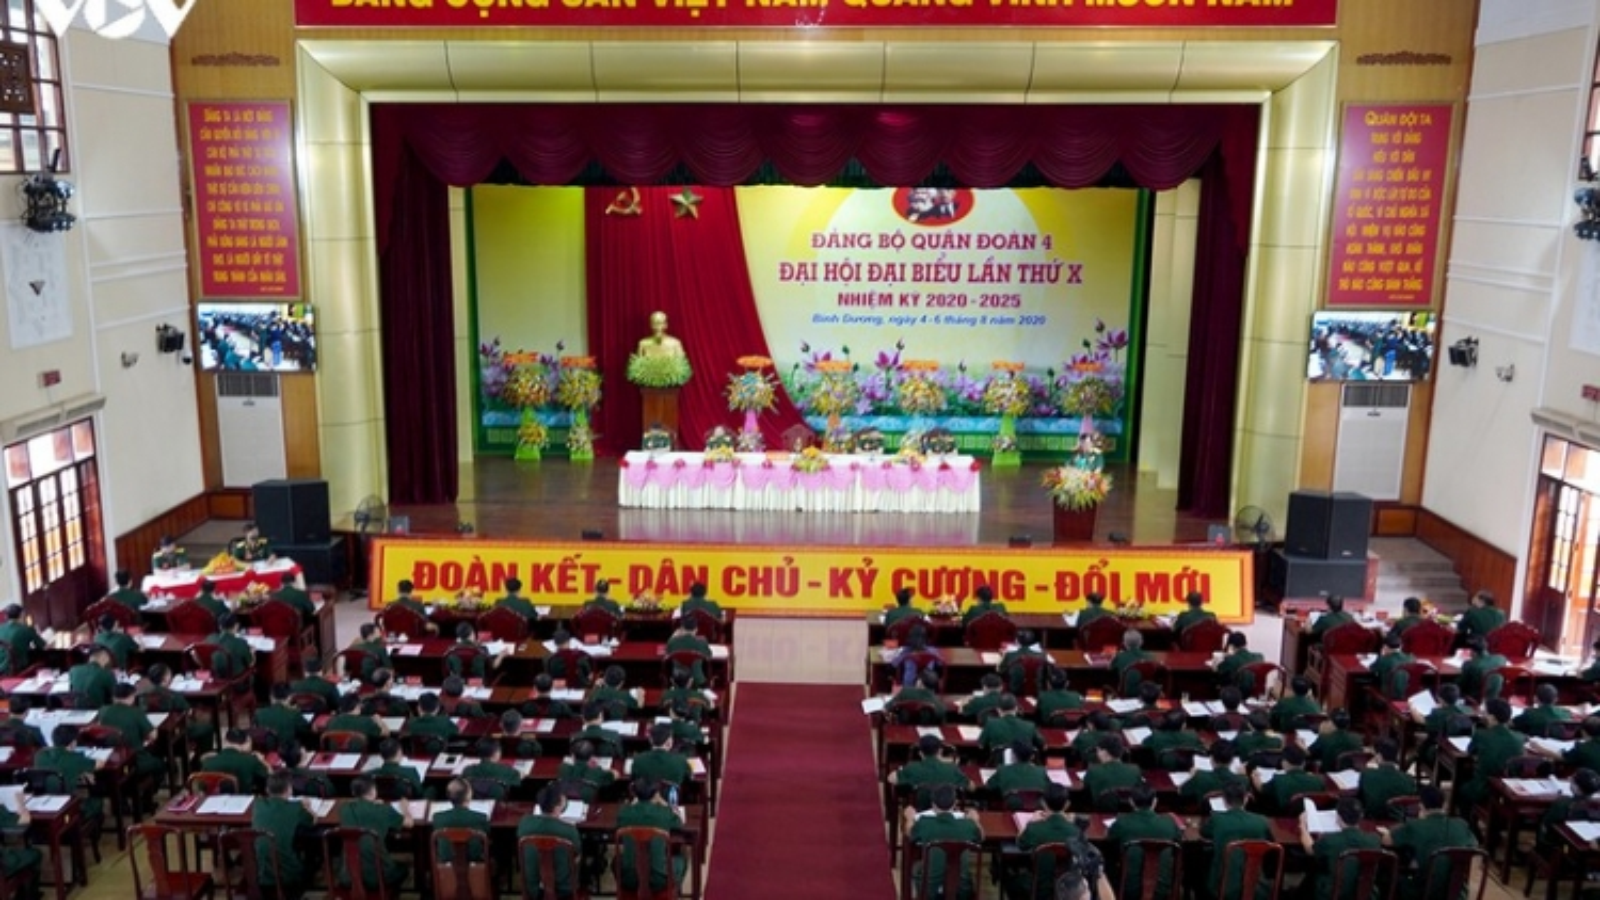 Thứ trưởng Bộ Quốc phòng dự Đại hội đại biểu Đảng bộ Quân đoàn 4